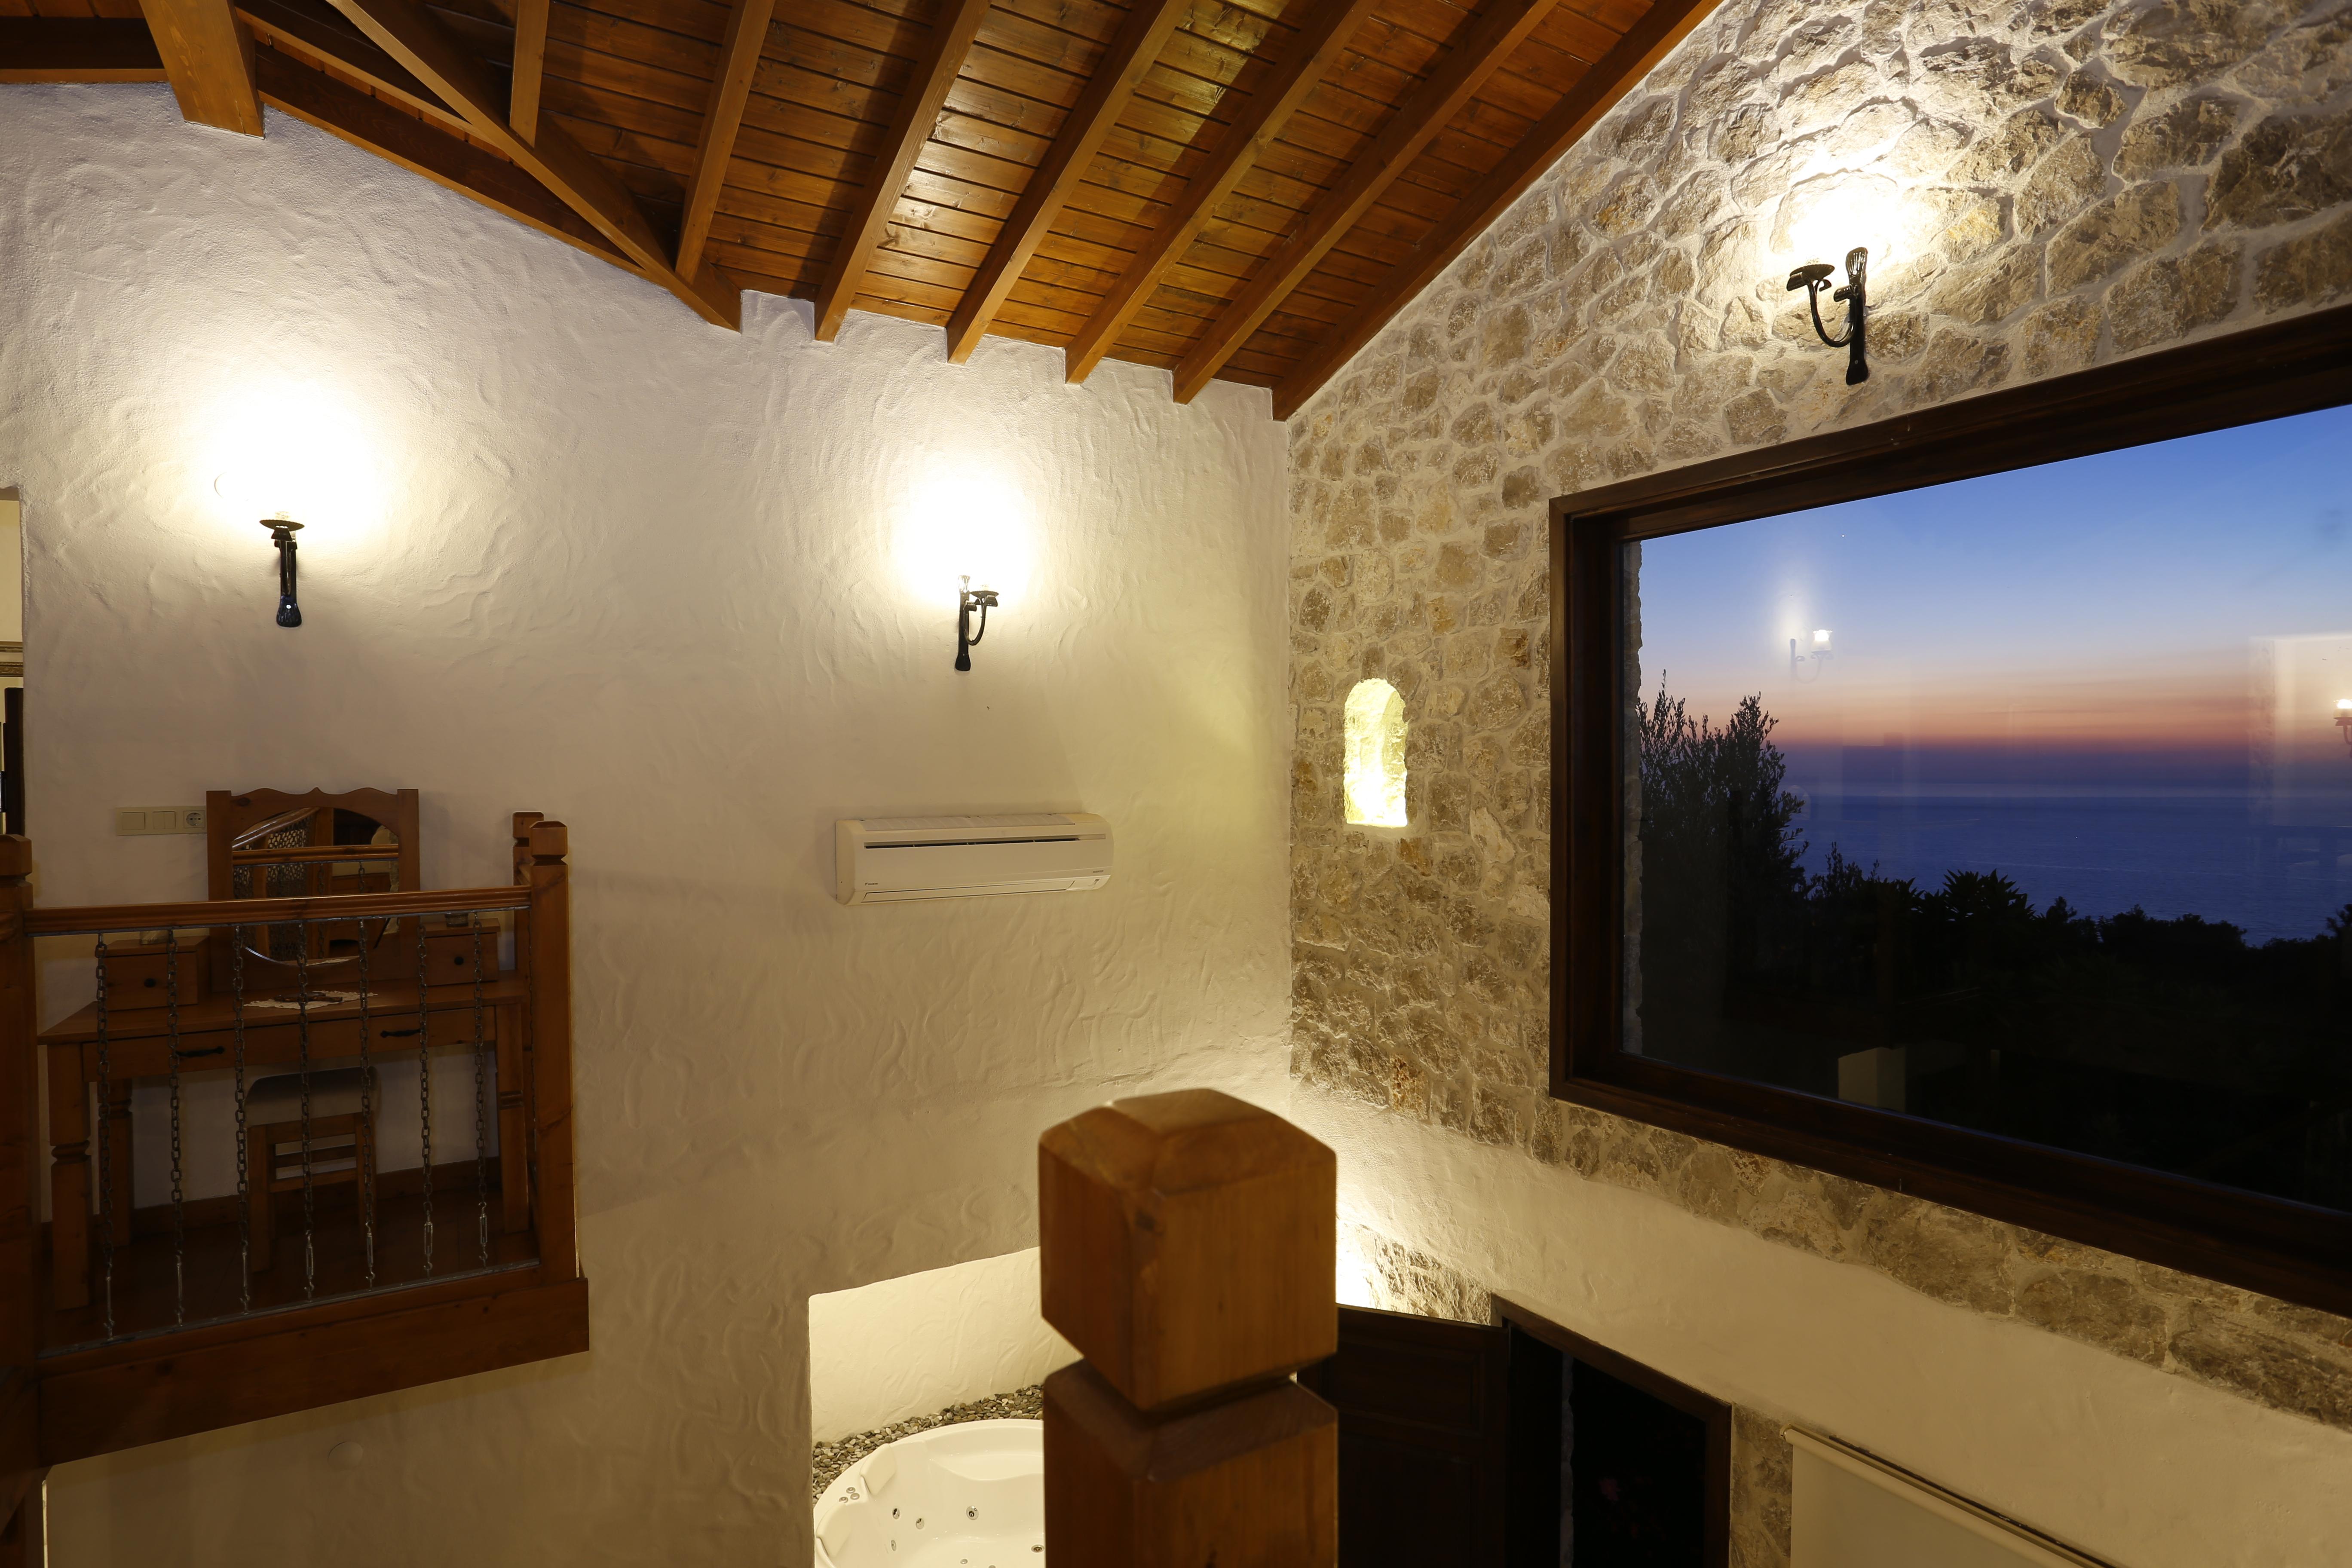 Appartement de vacances Luxurise Unterkunft und persnliches Ambiente in unzerstrter Natur (2124814), Fethiye, , Région Egéenne, Turquie, image 11